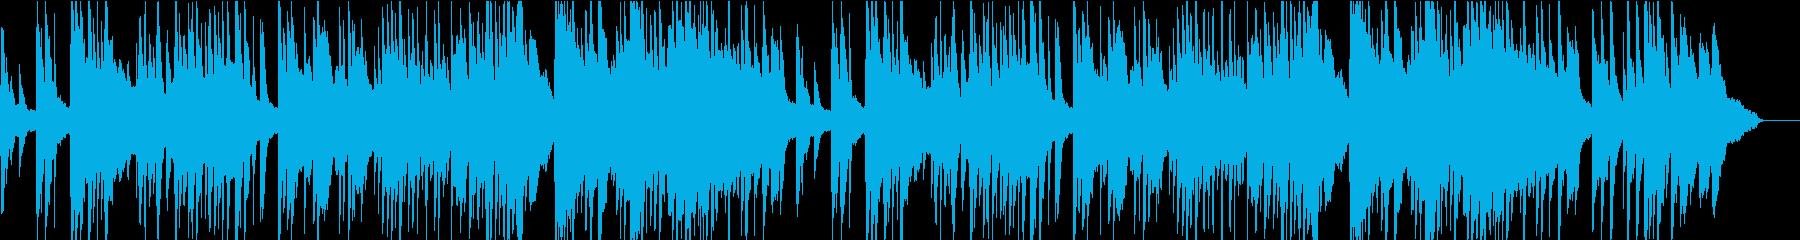 優しく落ち着く感じのピアノ曲の再生済みの波形